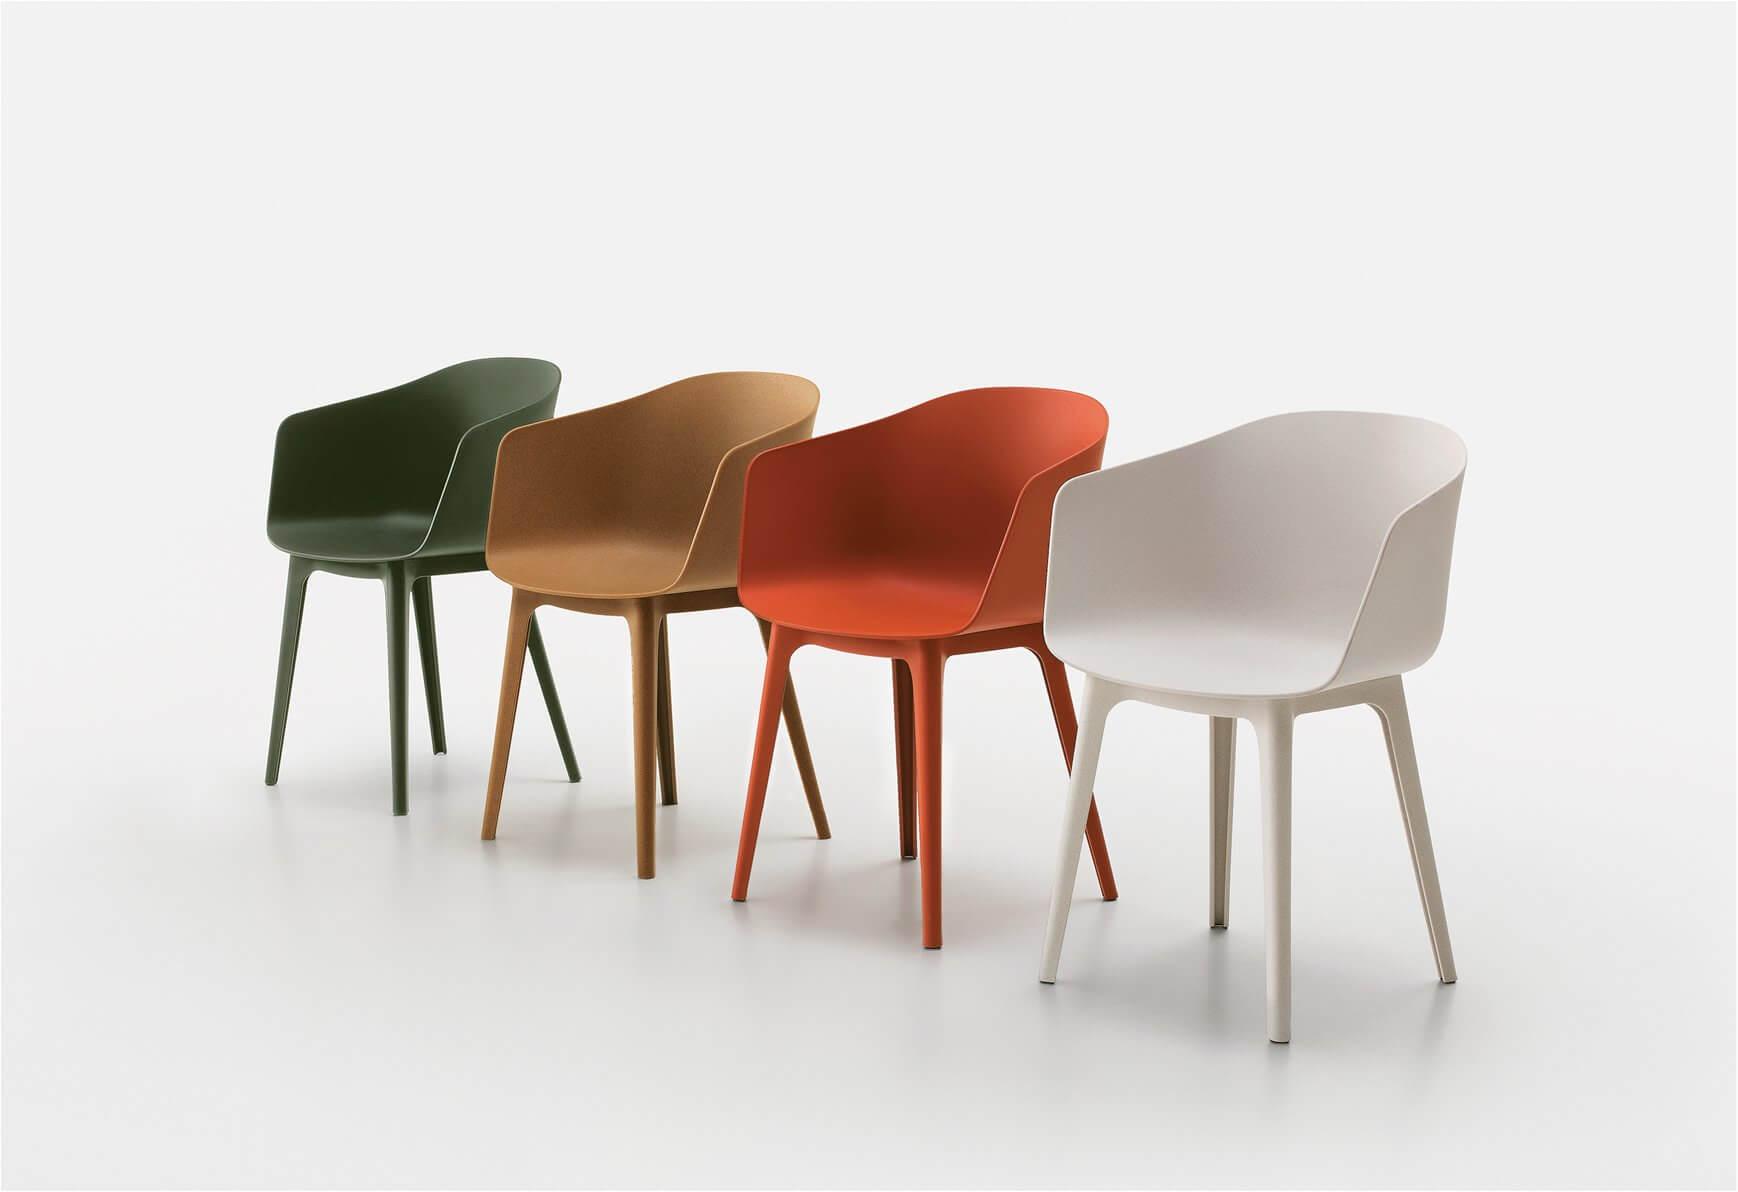 Chaise design éco responsable